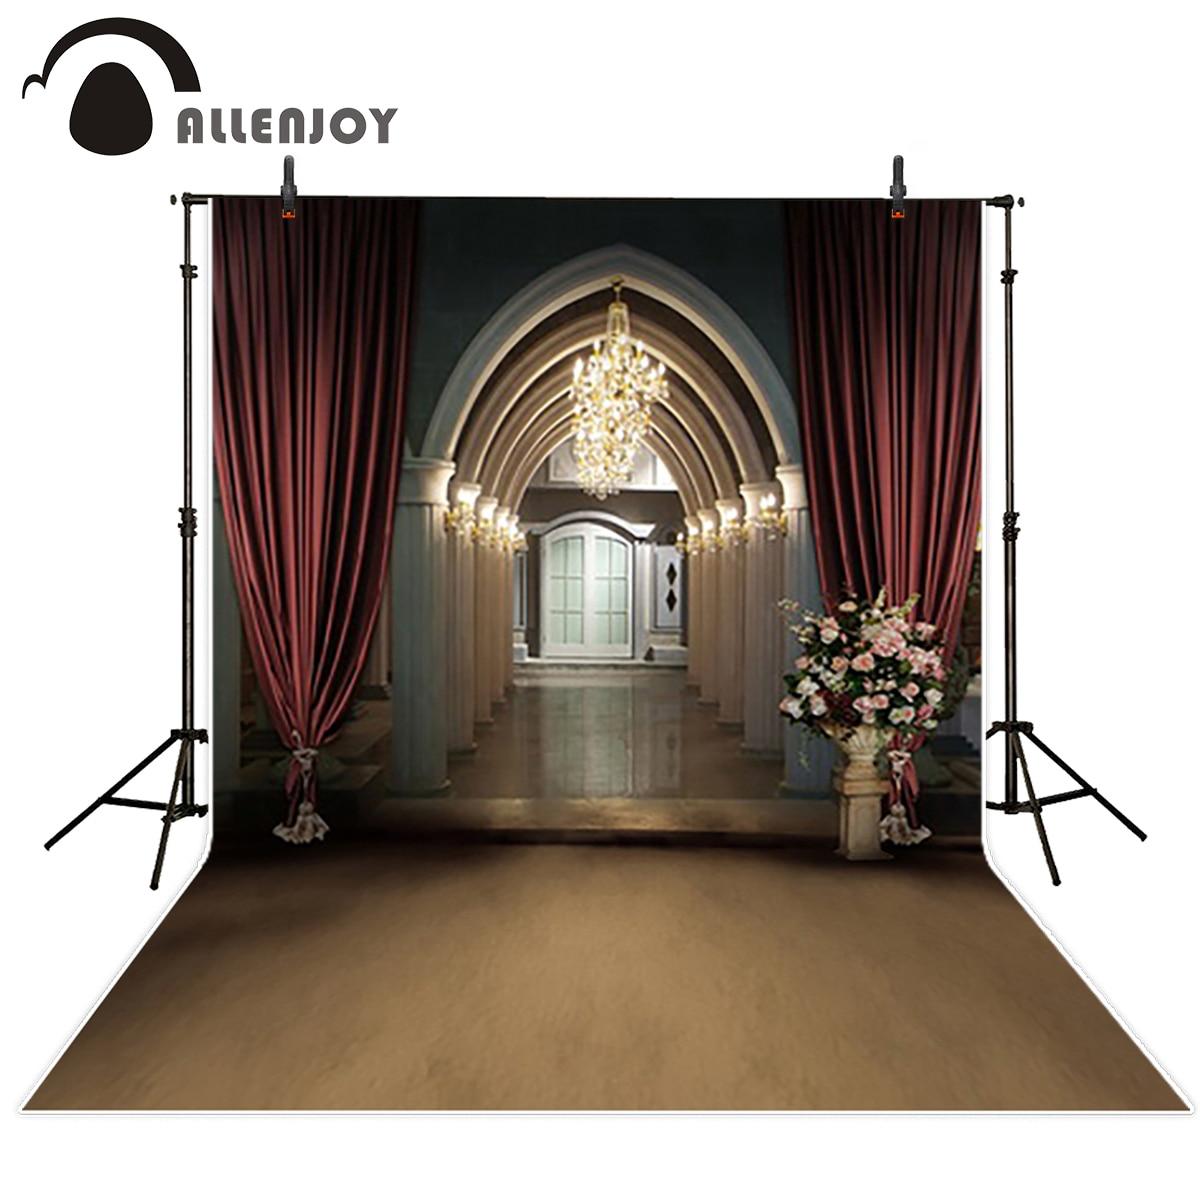 Allenjoy décors en vinyle pour la photographie toile de fond Église Arches sacré Rouge rideau Fond pour photo foto fond